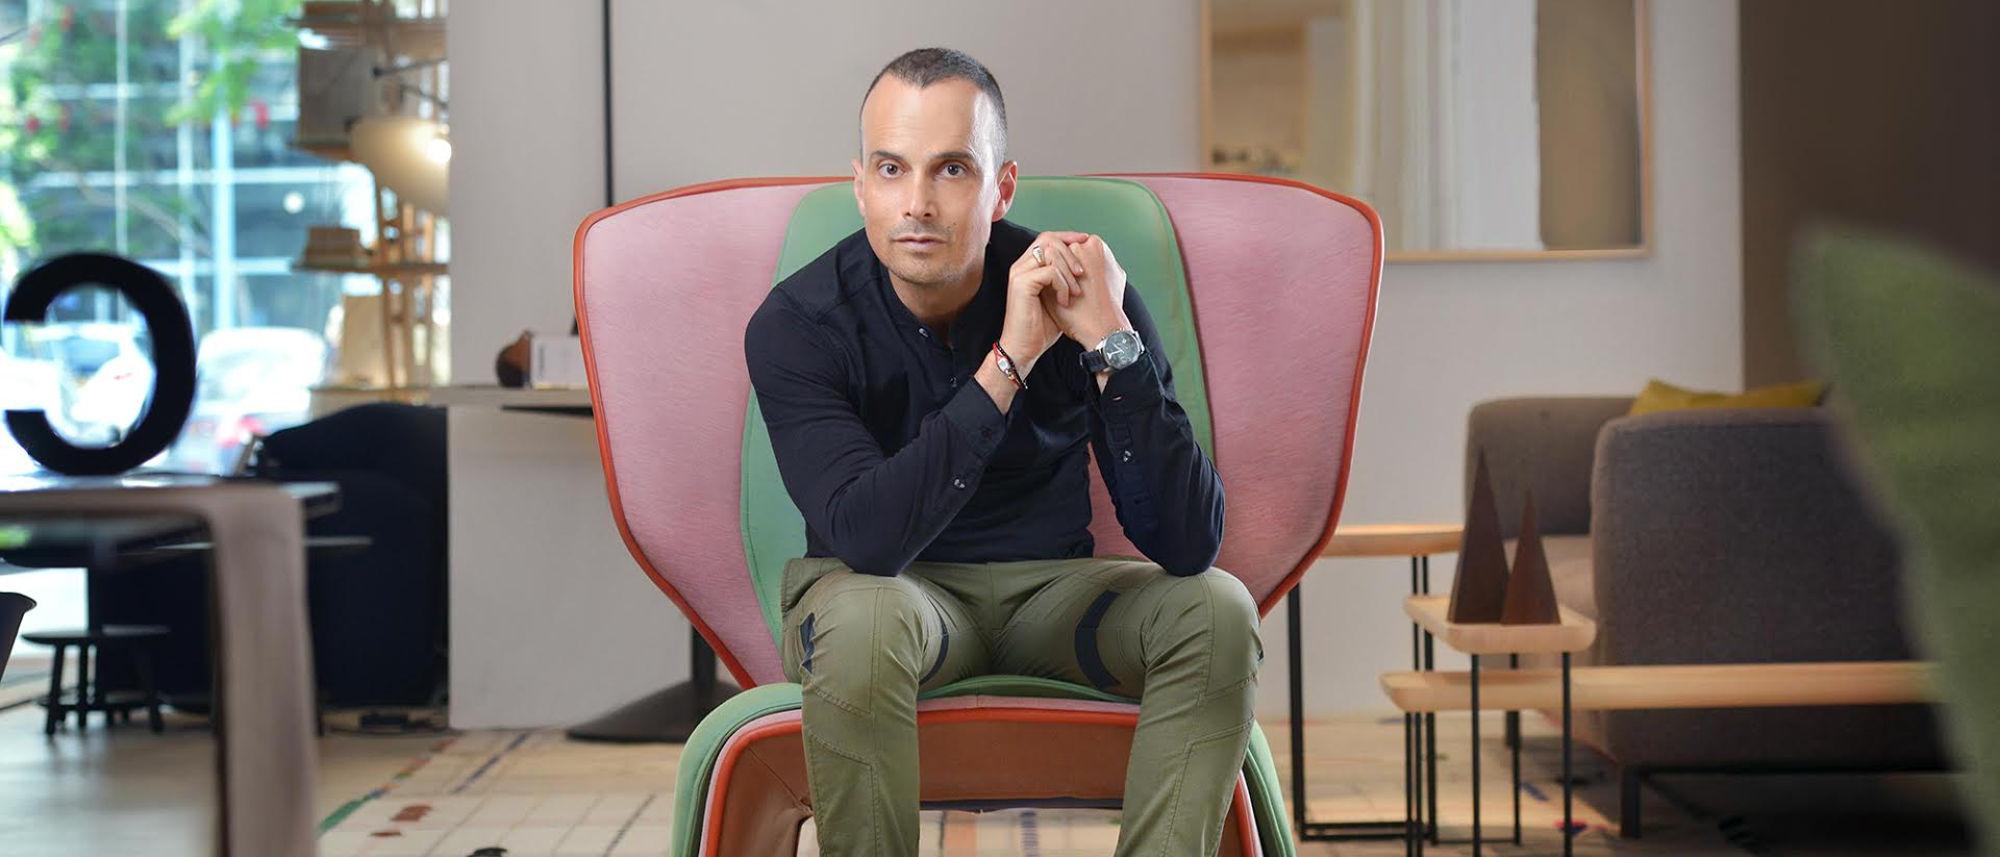 האתר הרשמי של ירון יפתח בן-גרא מעצב פנים, המעניק שירותי עיצוב פנים לפרטיים ועסקים